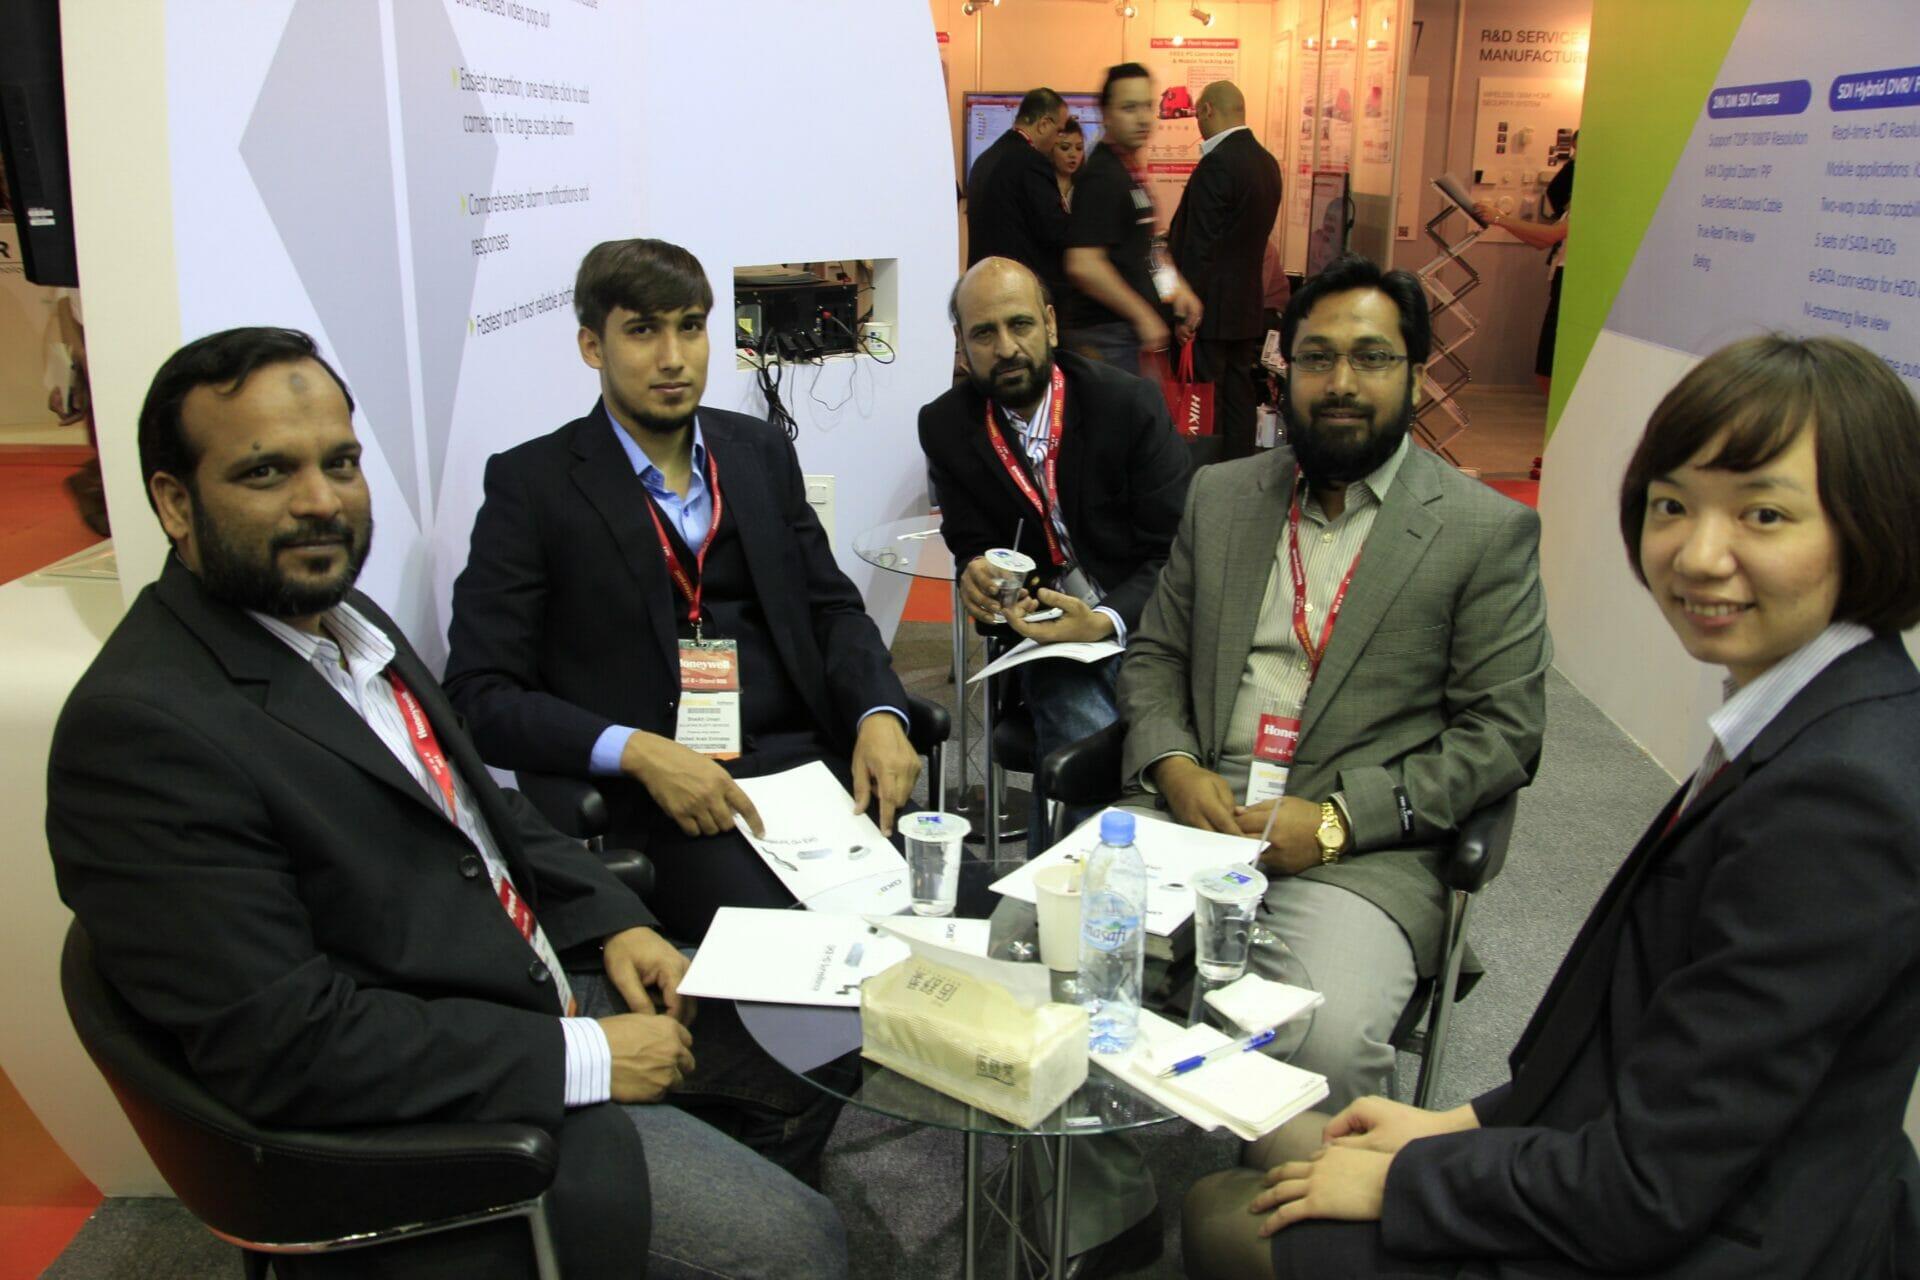 2013年1月,於杜拜展會和巴基斯坦客戶留影